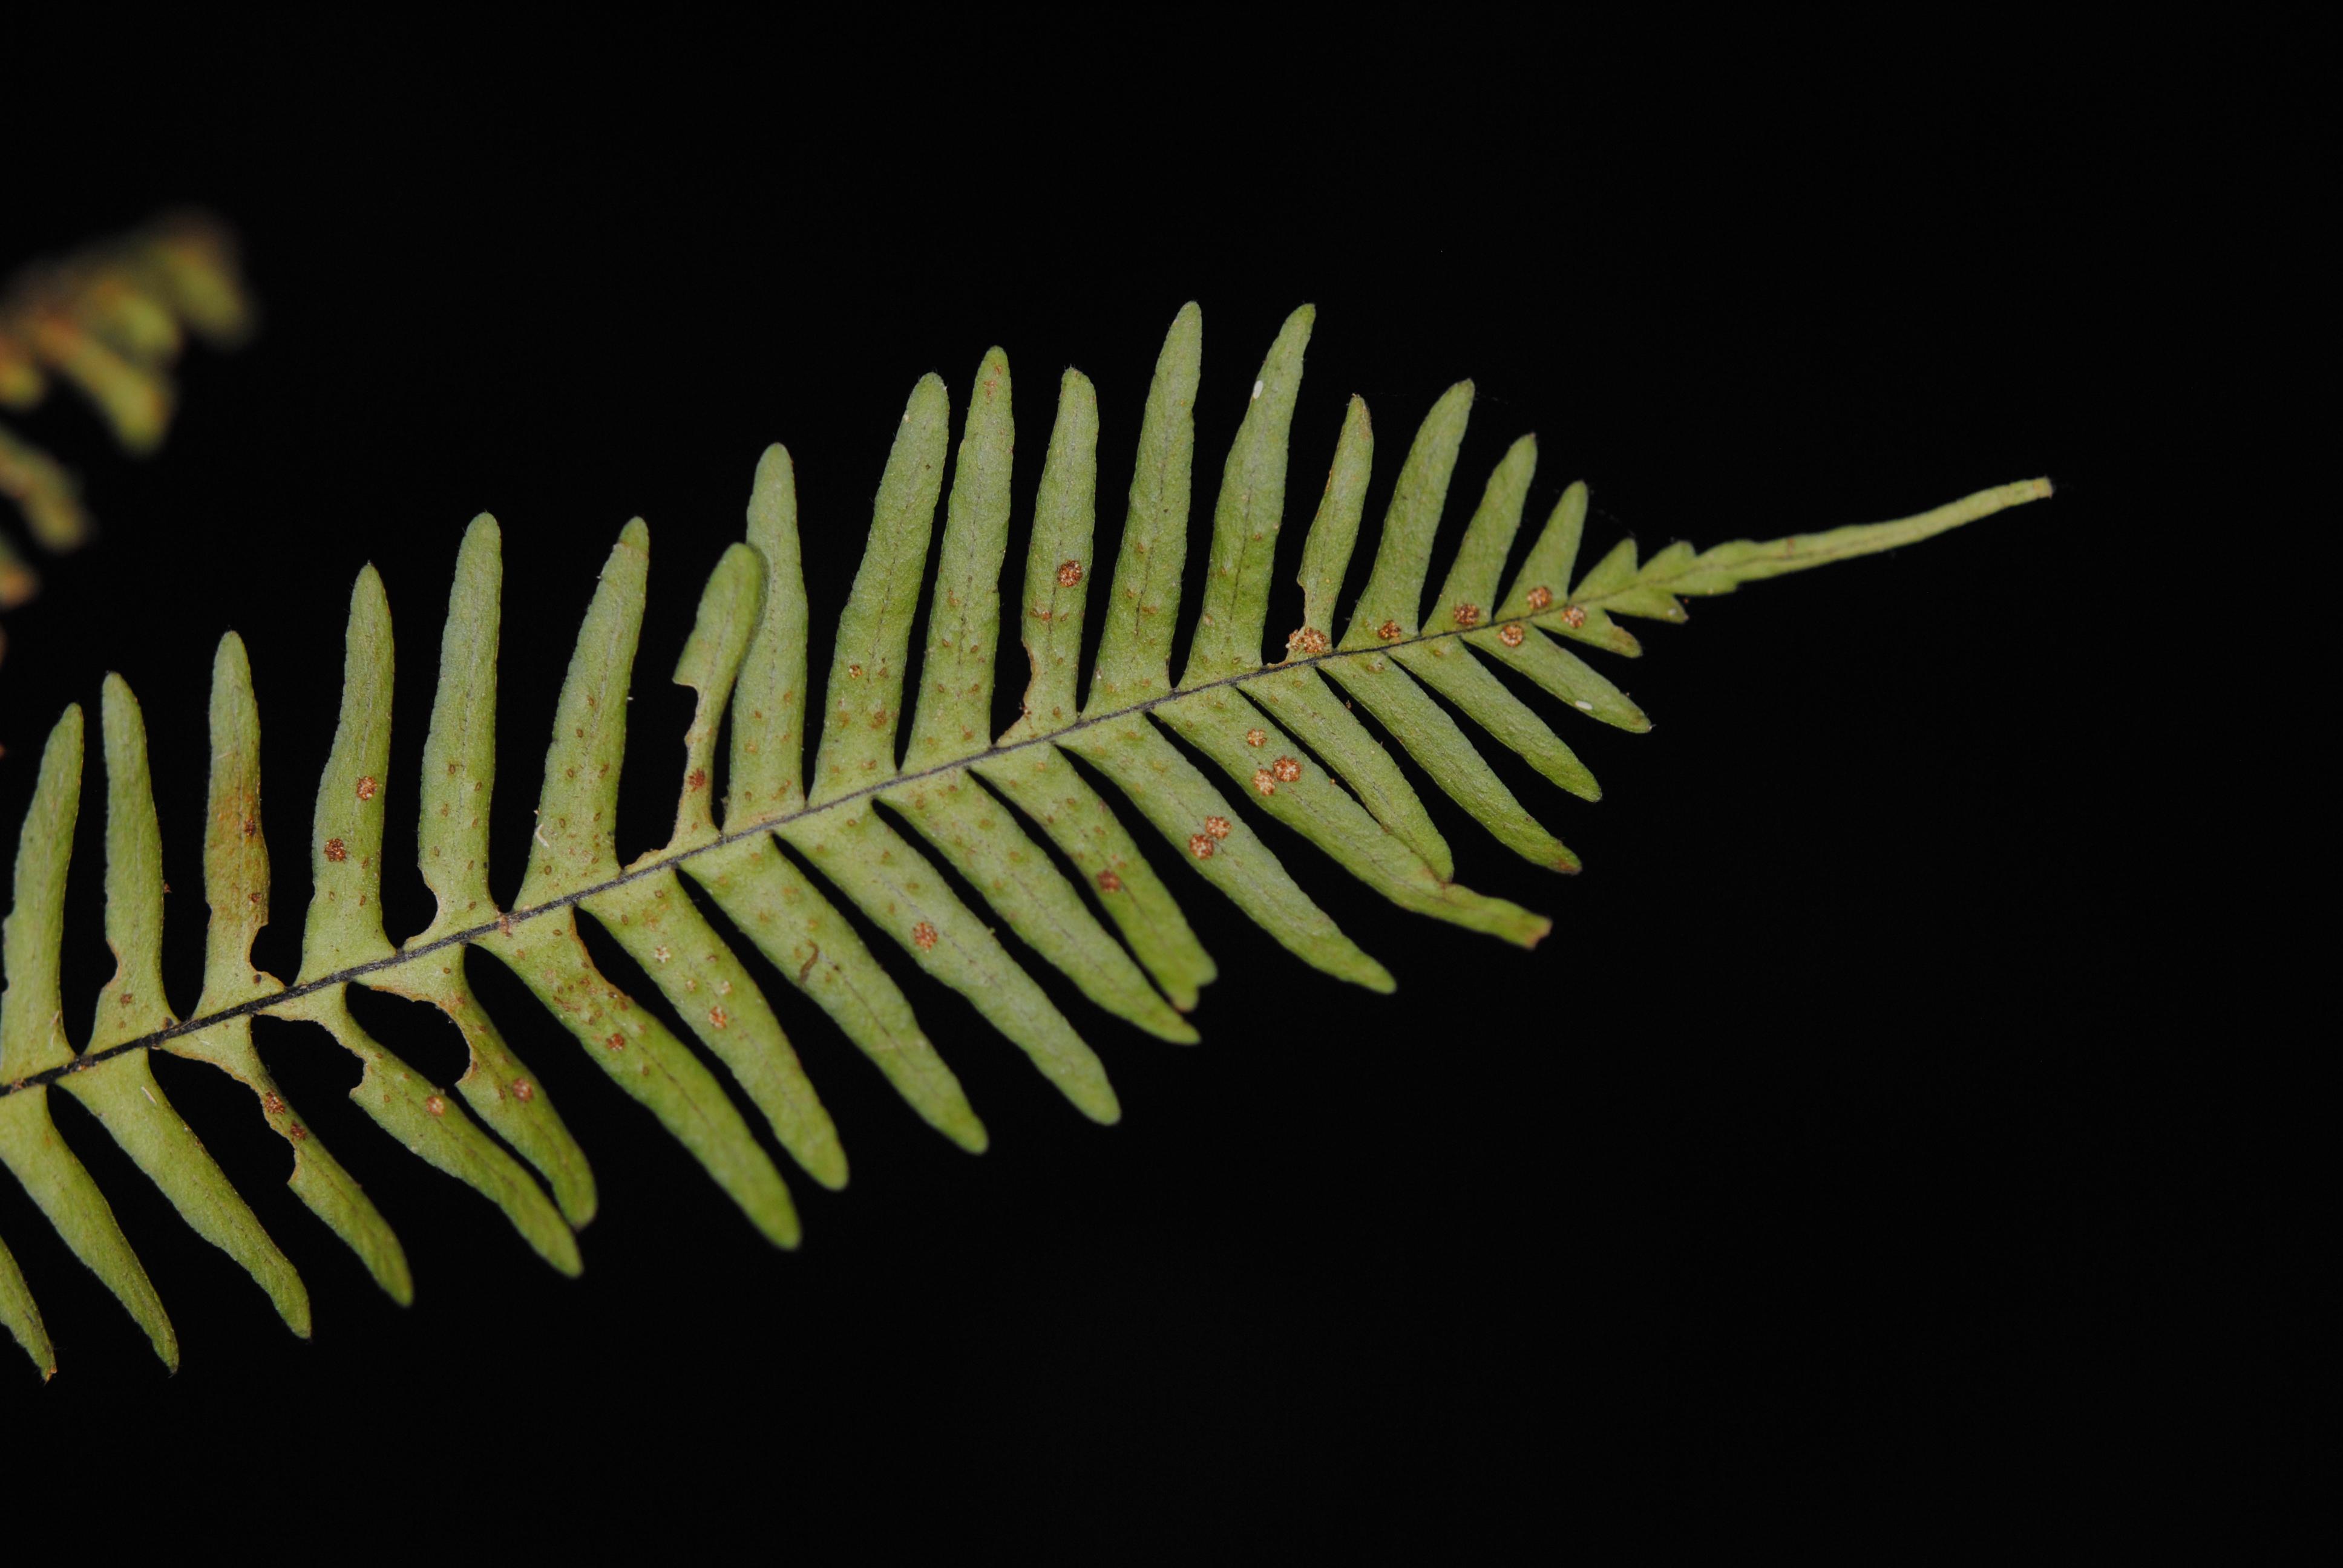 Oreogrammitis longiceps